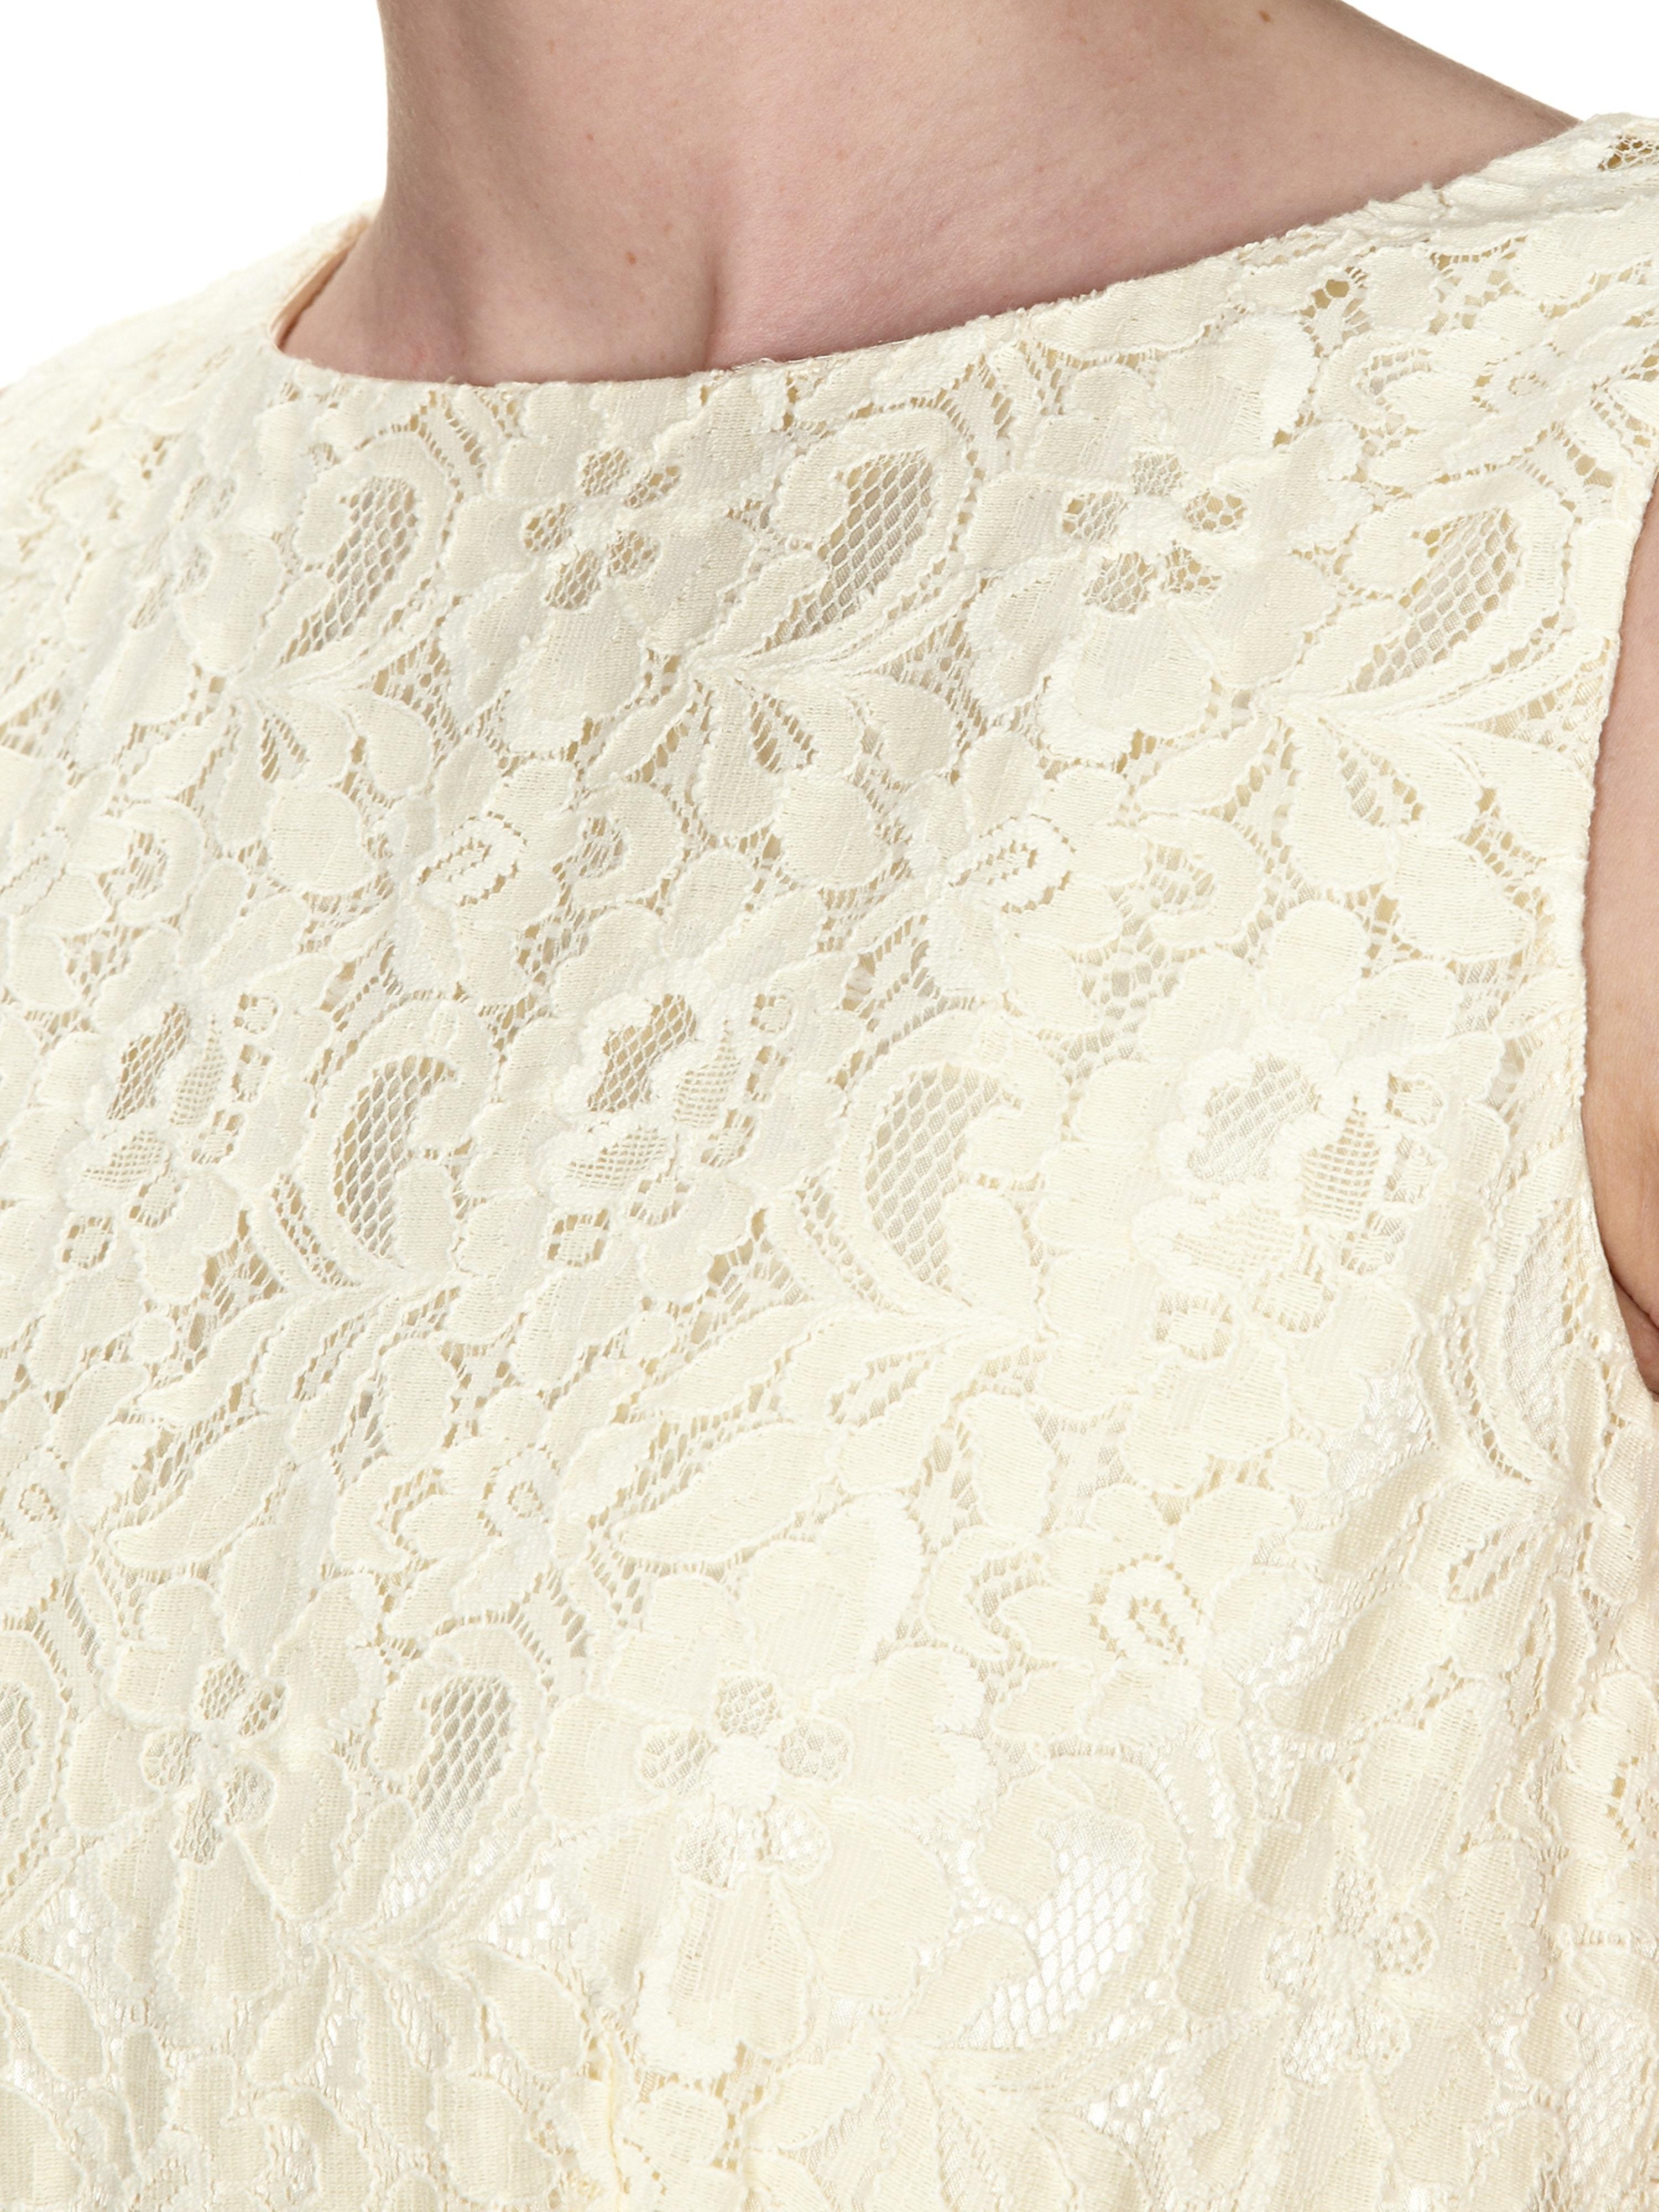 Formal Cool Kleid Gelb Spitze für 2019Formal Elegant Kleid Gelb Spitze Spezialgebiet